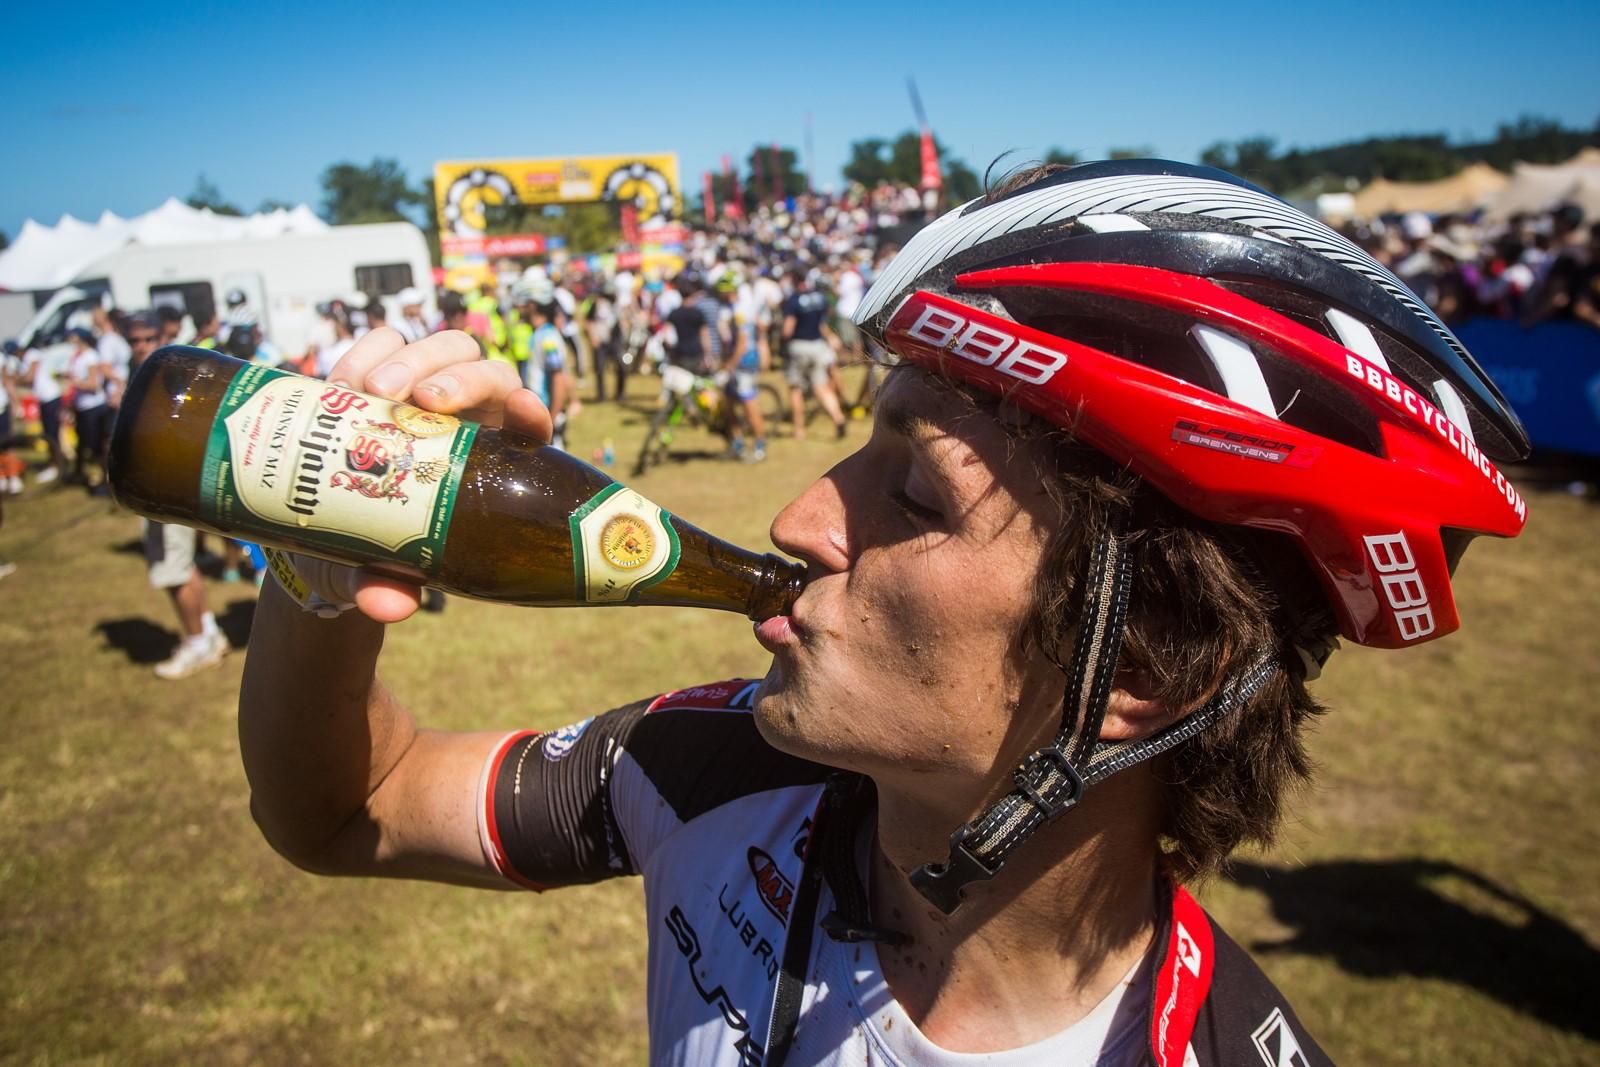 Pivo jako jeden ze způsobů rychlého doplnění tekutin tělu vyčerpanému množstvím kilometrů. Foto: Michal Červený